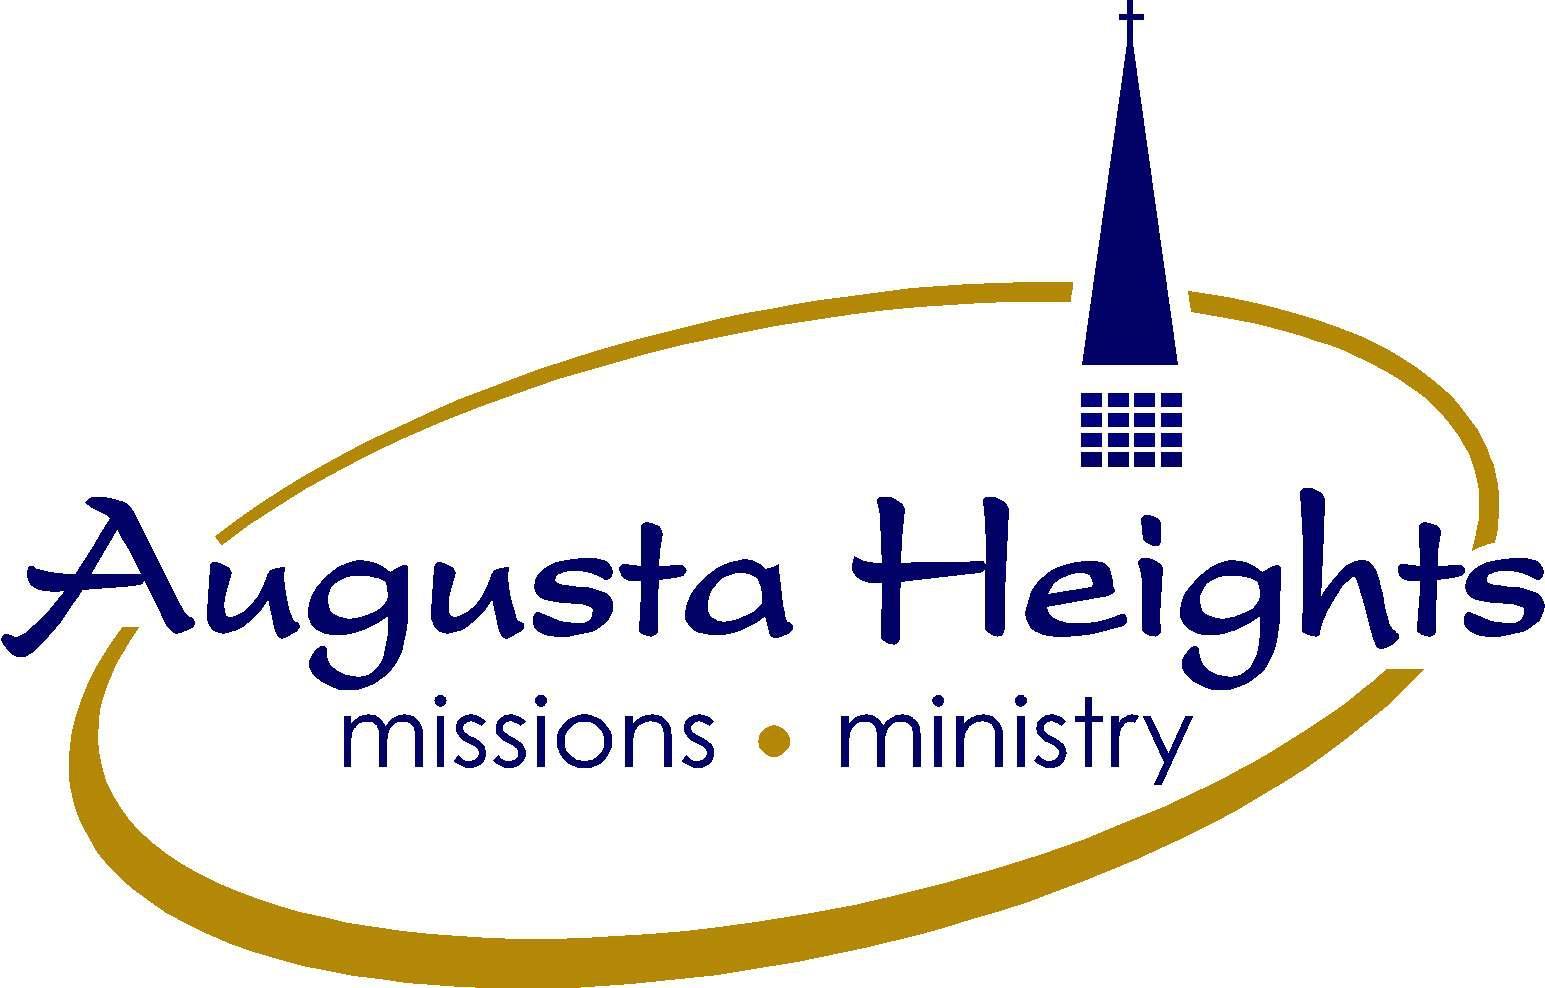 Augusta Heights